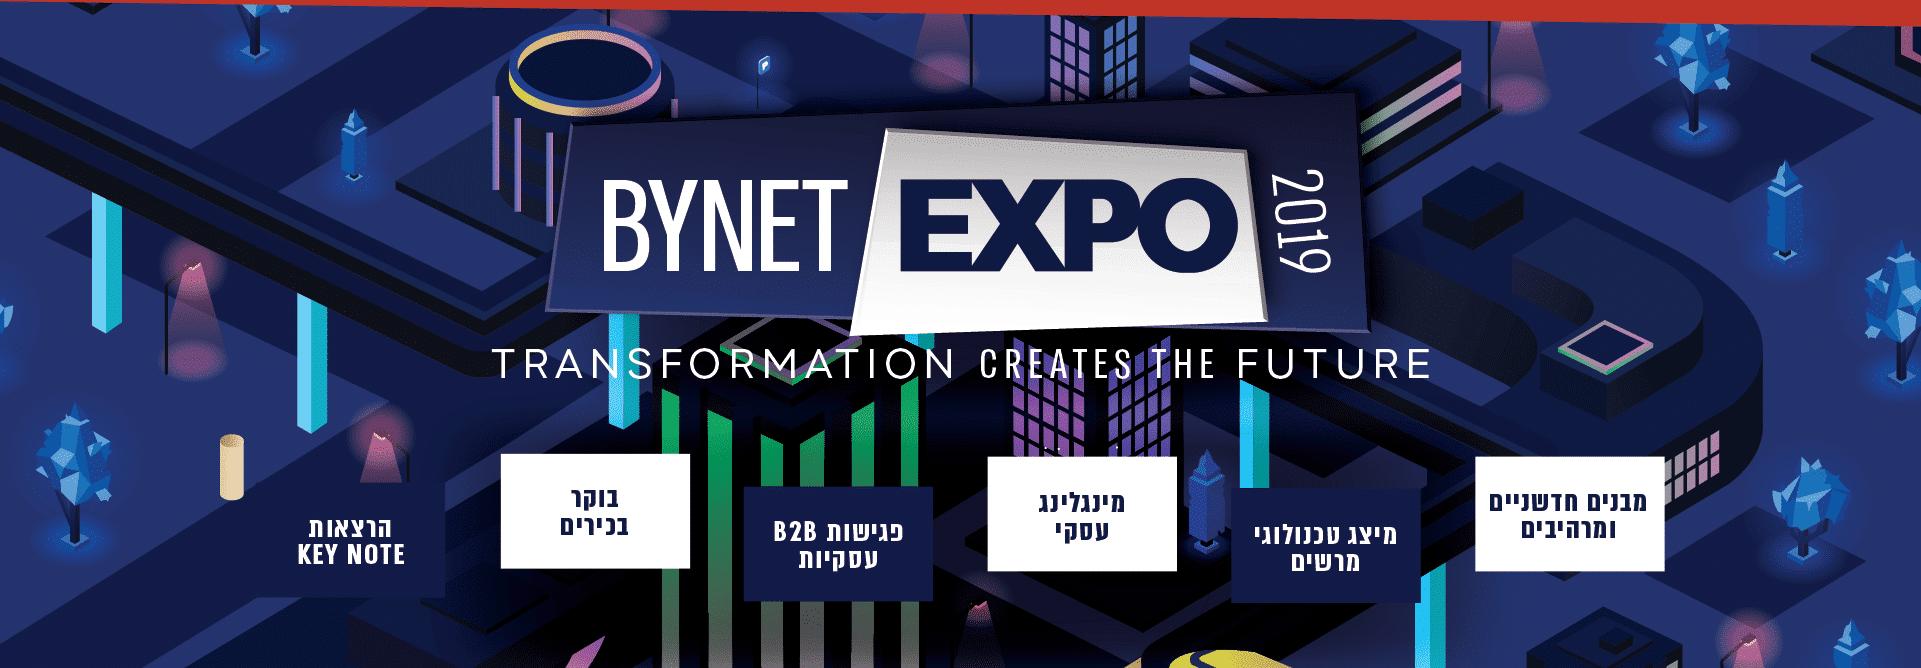 Bynet Expo 2019